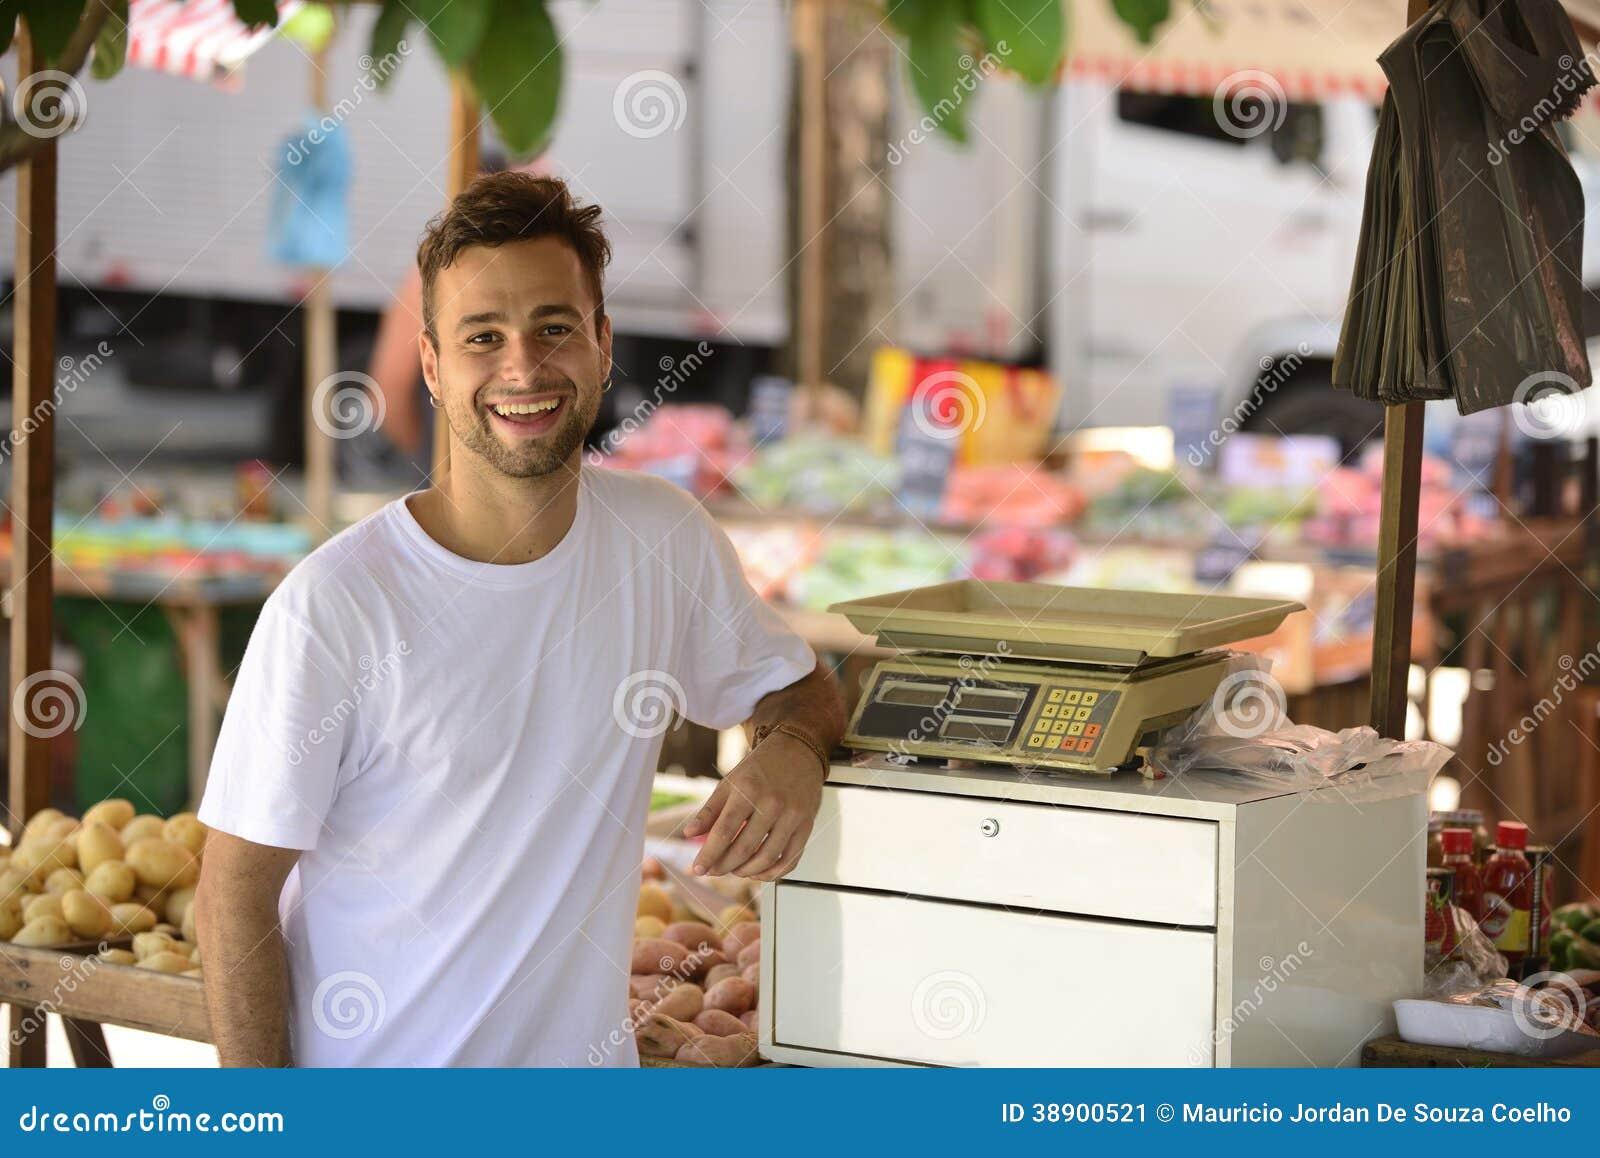 卖有机果子的小企业主。